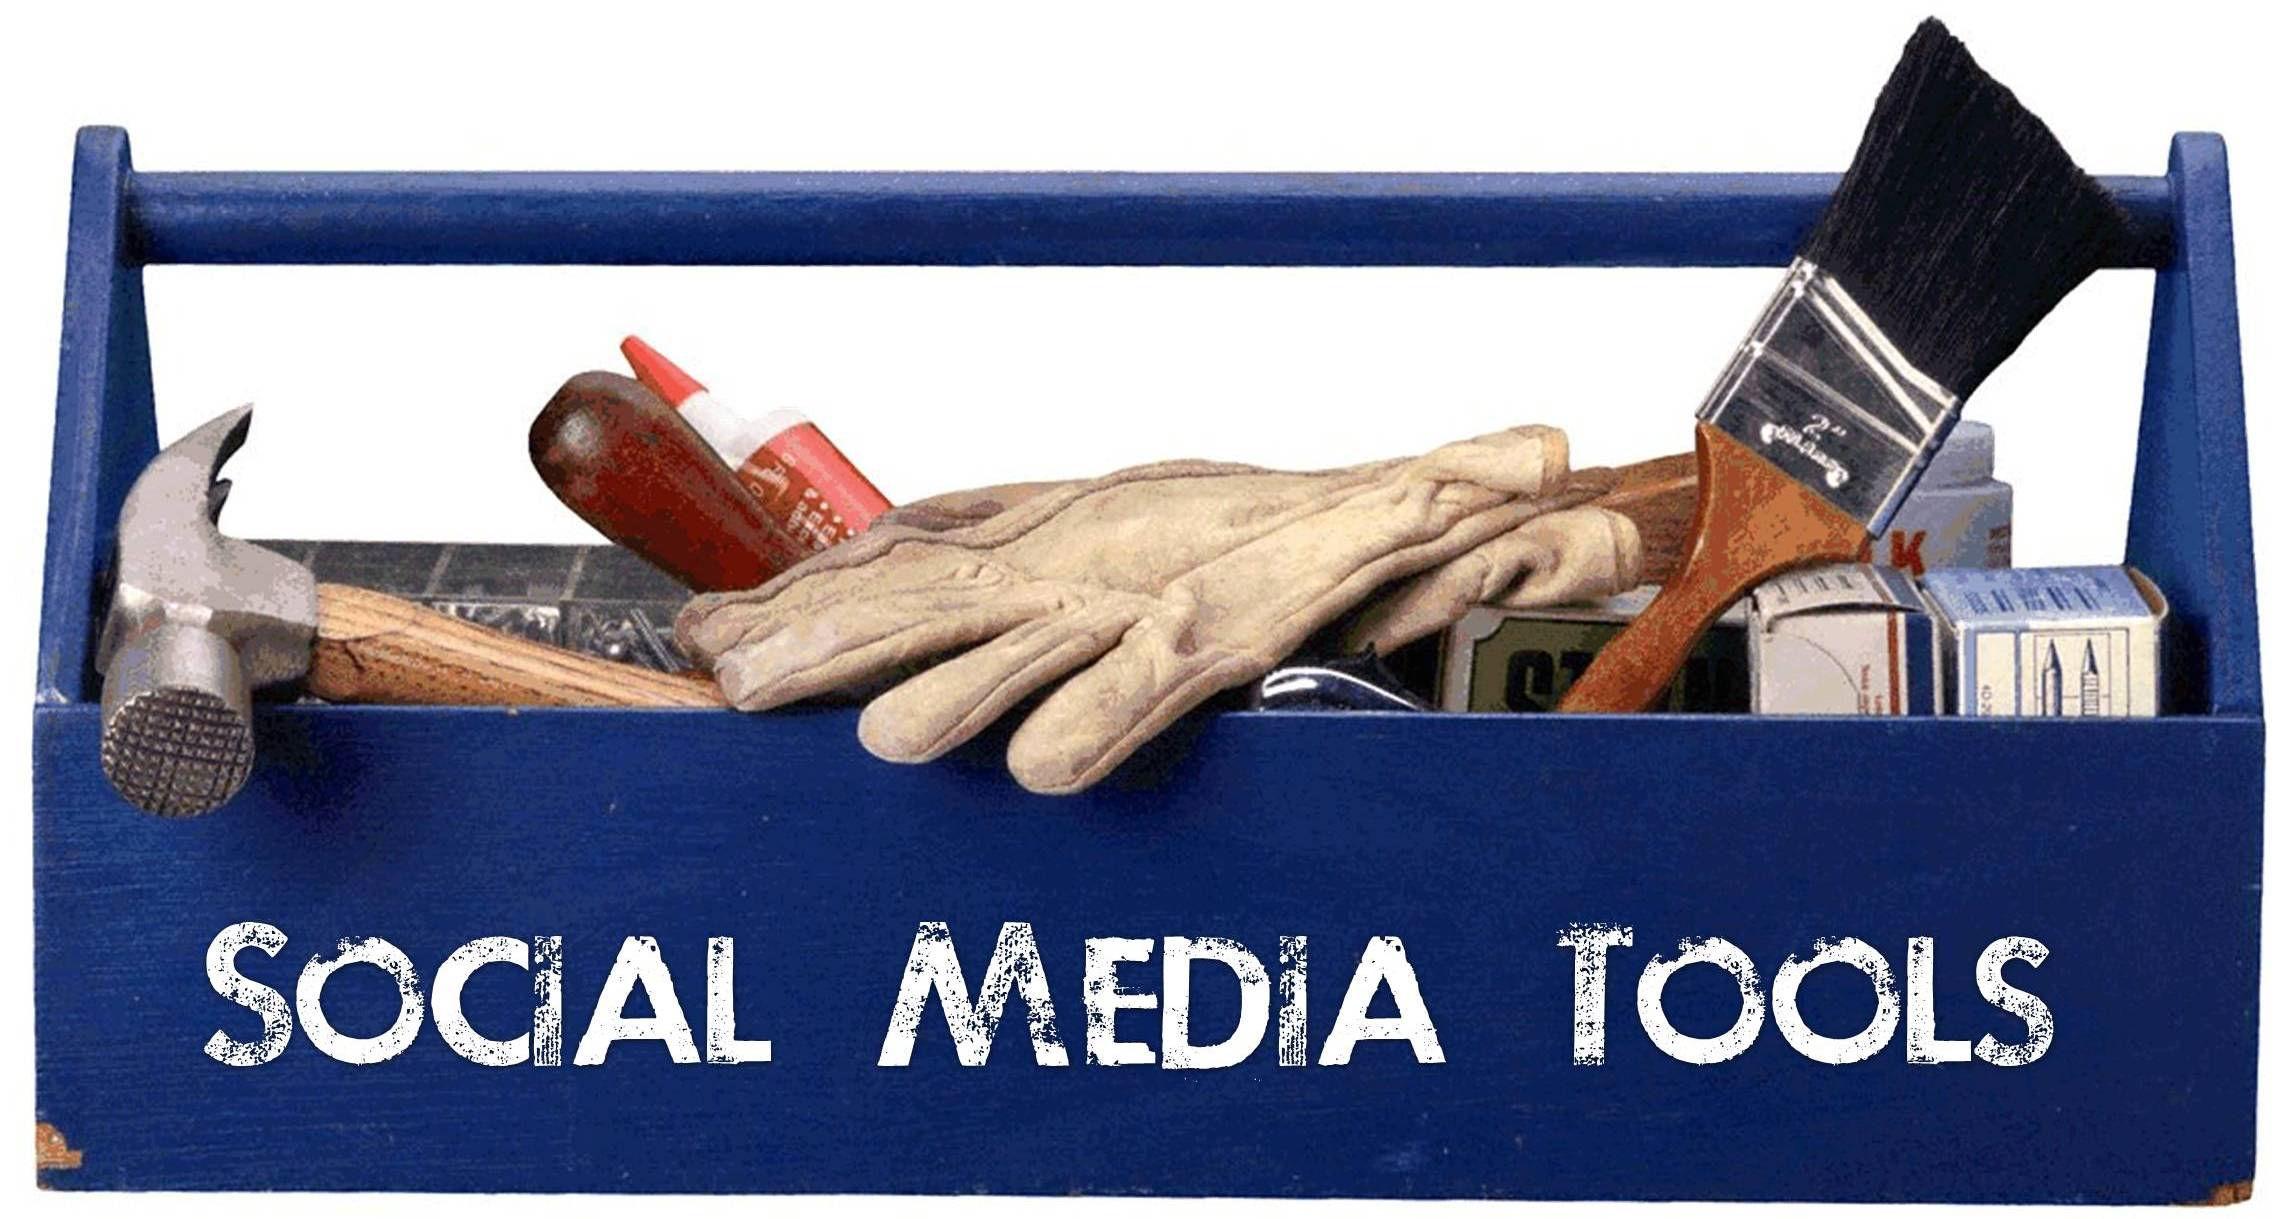 Herramientas monitorizar en Social Media